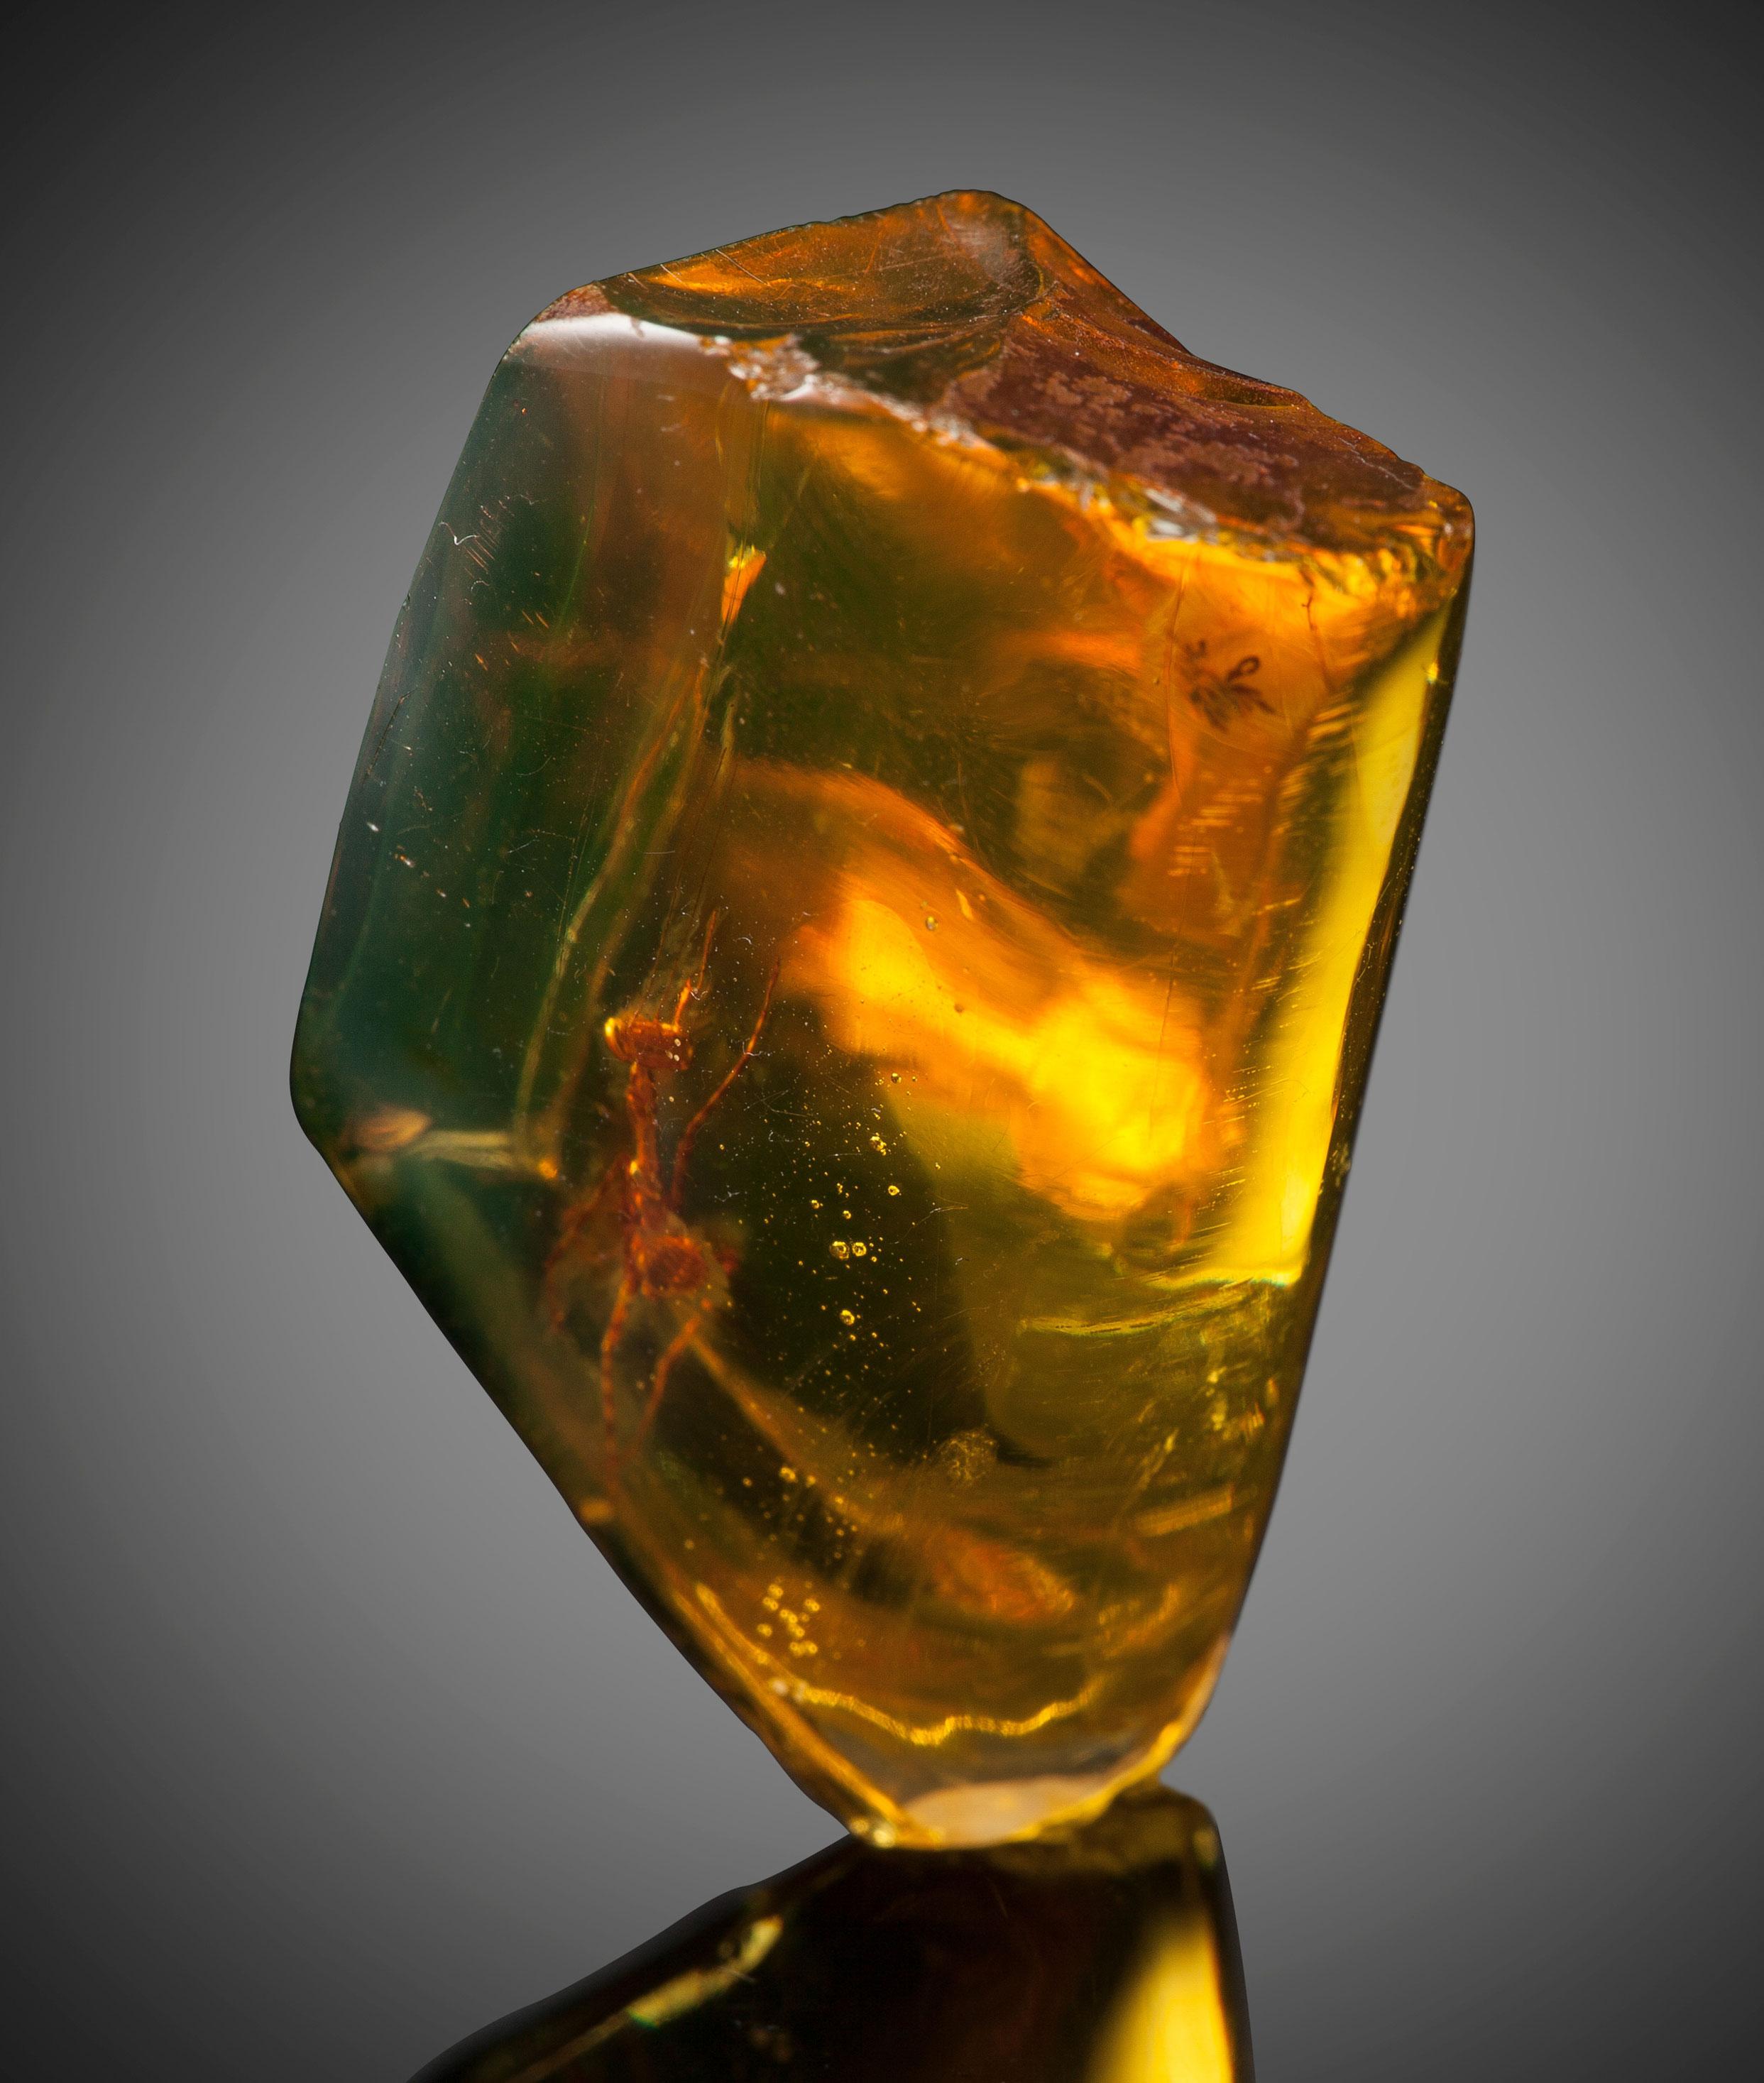 a 12 million year old praying mantis encased in amber 3 A 12 Million Year Old Praying Mantis Encased in Amber